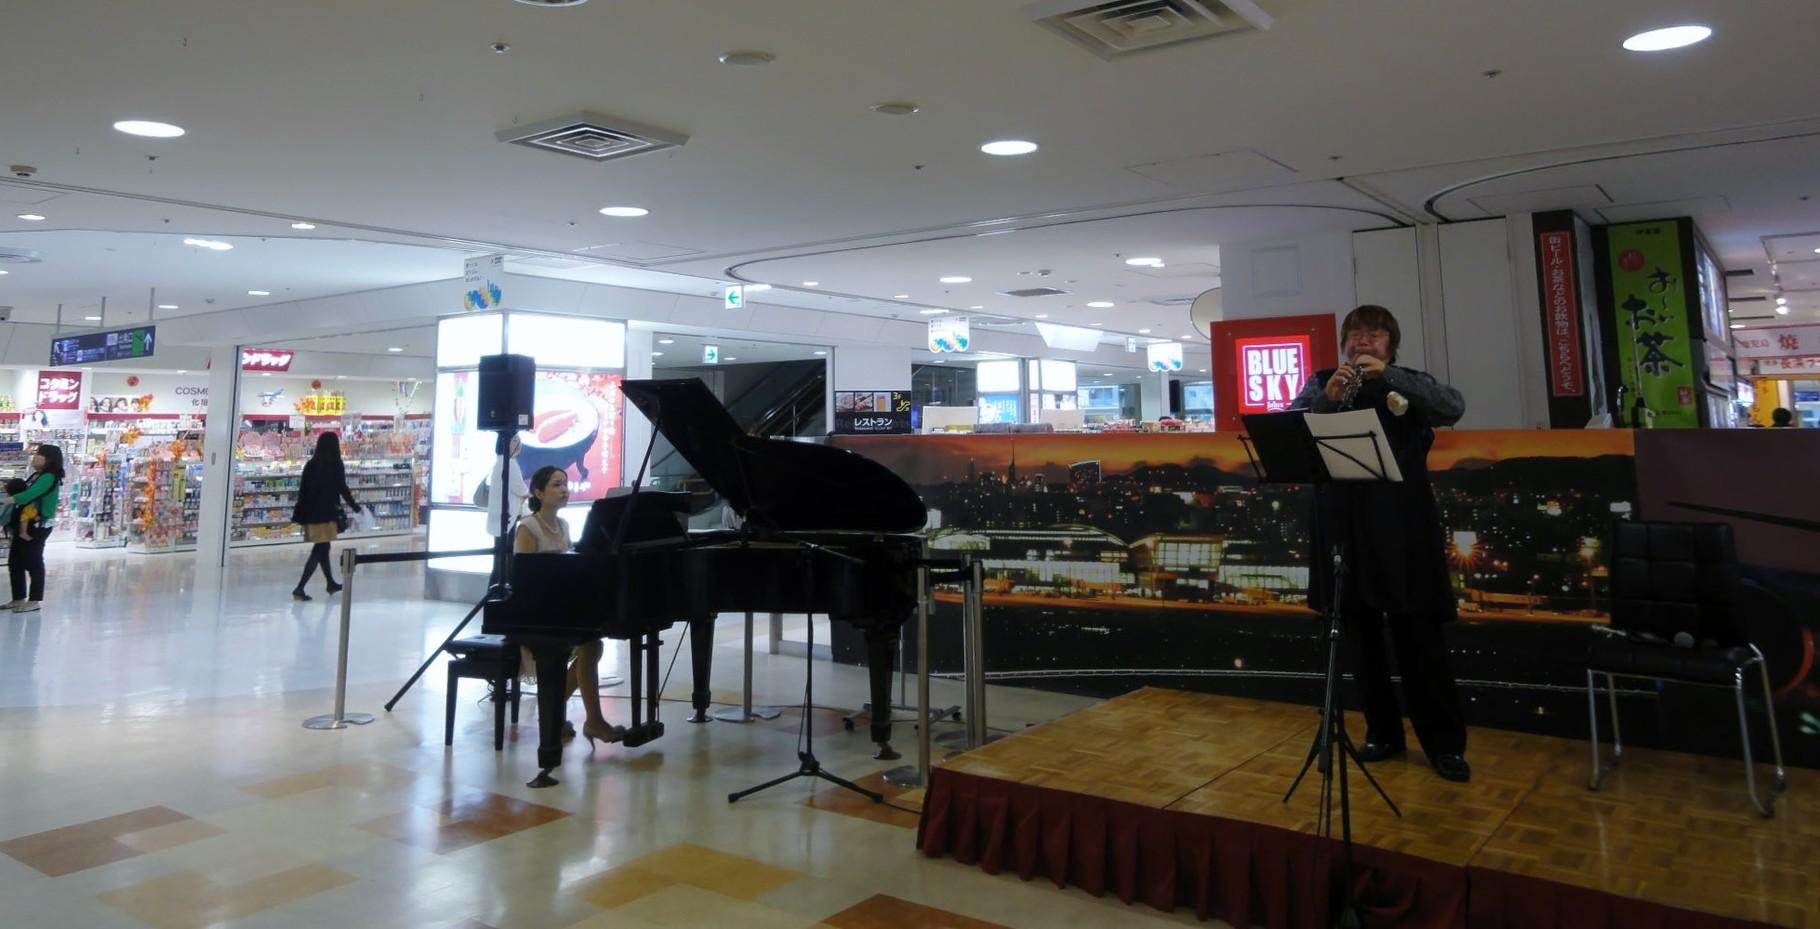 福岡空港そらのもーる広場コンサート